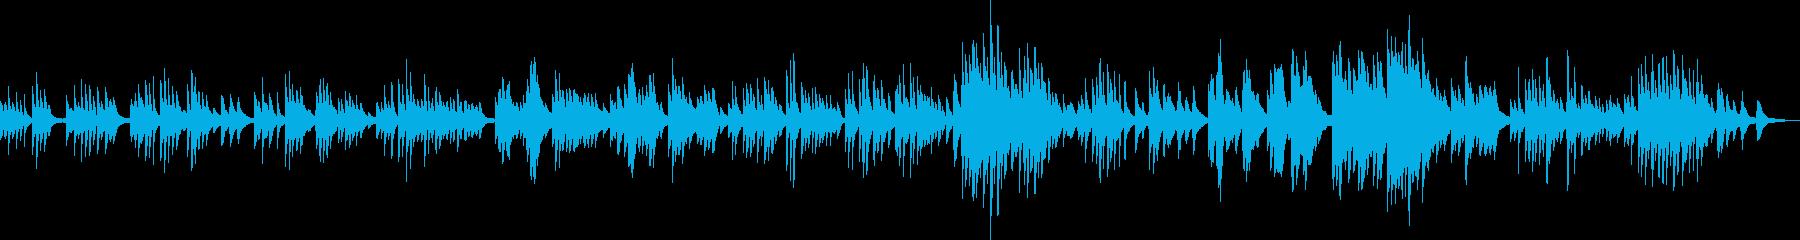 悲しい旋律のピアノソロ曲の再生済みの波形